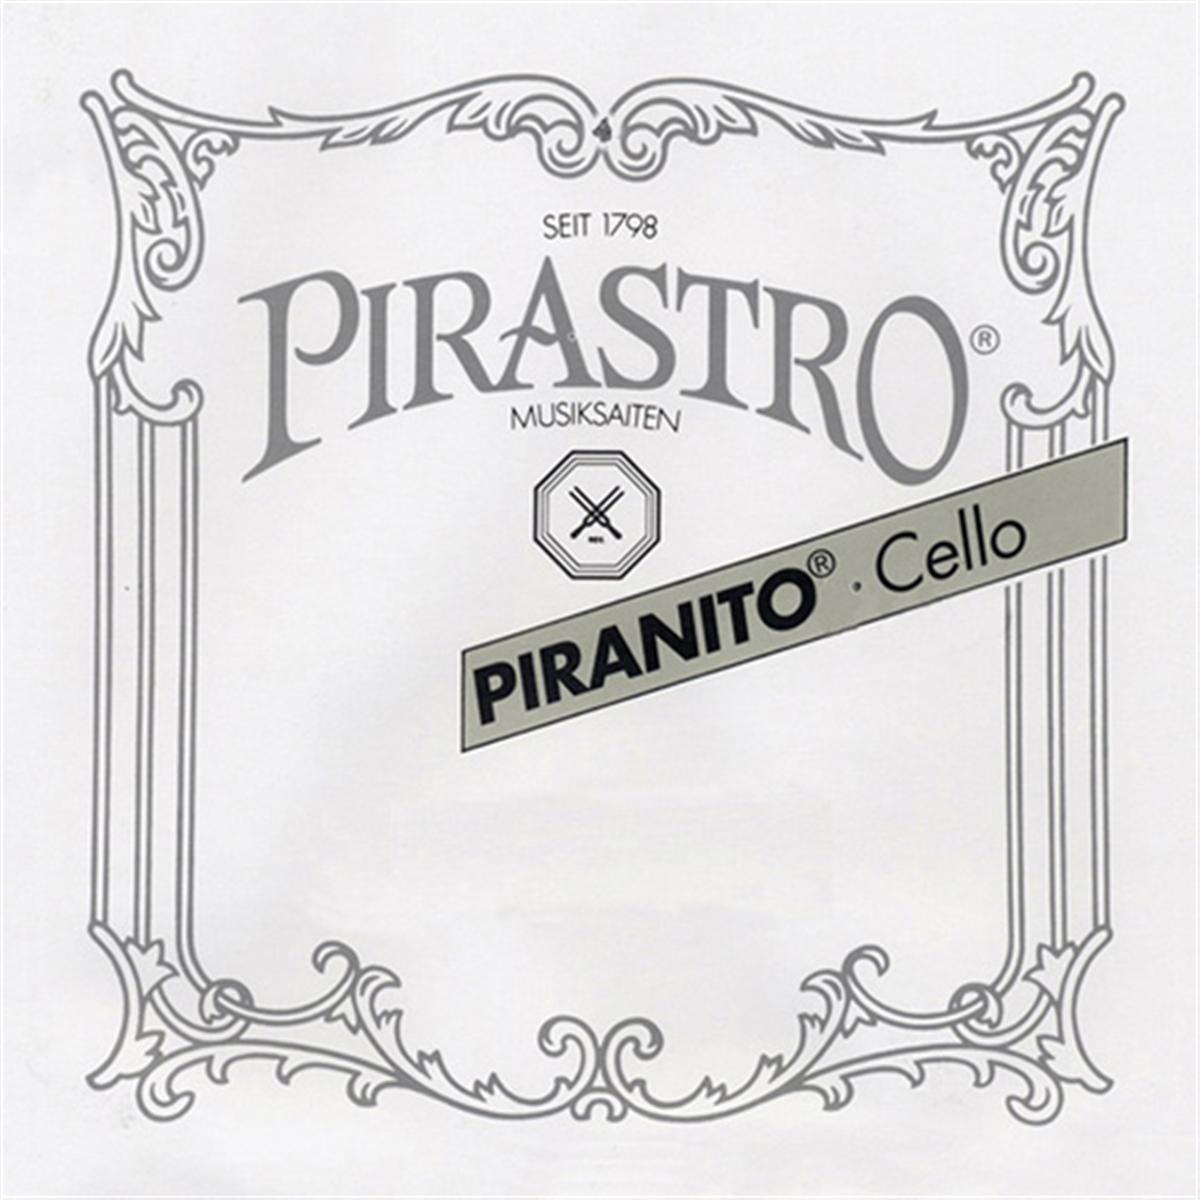 Pirastro Piratino String Cello- Steel Core 6350